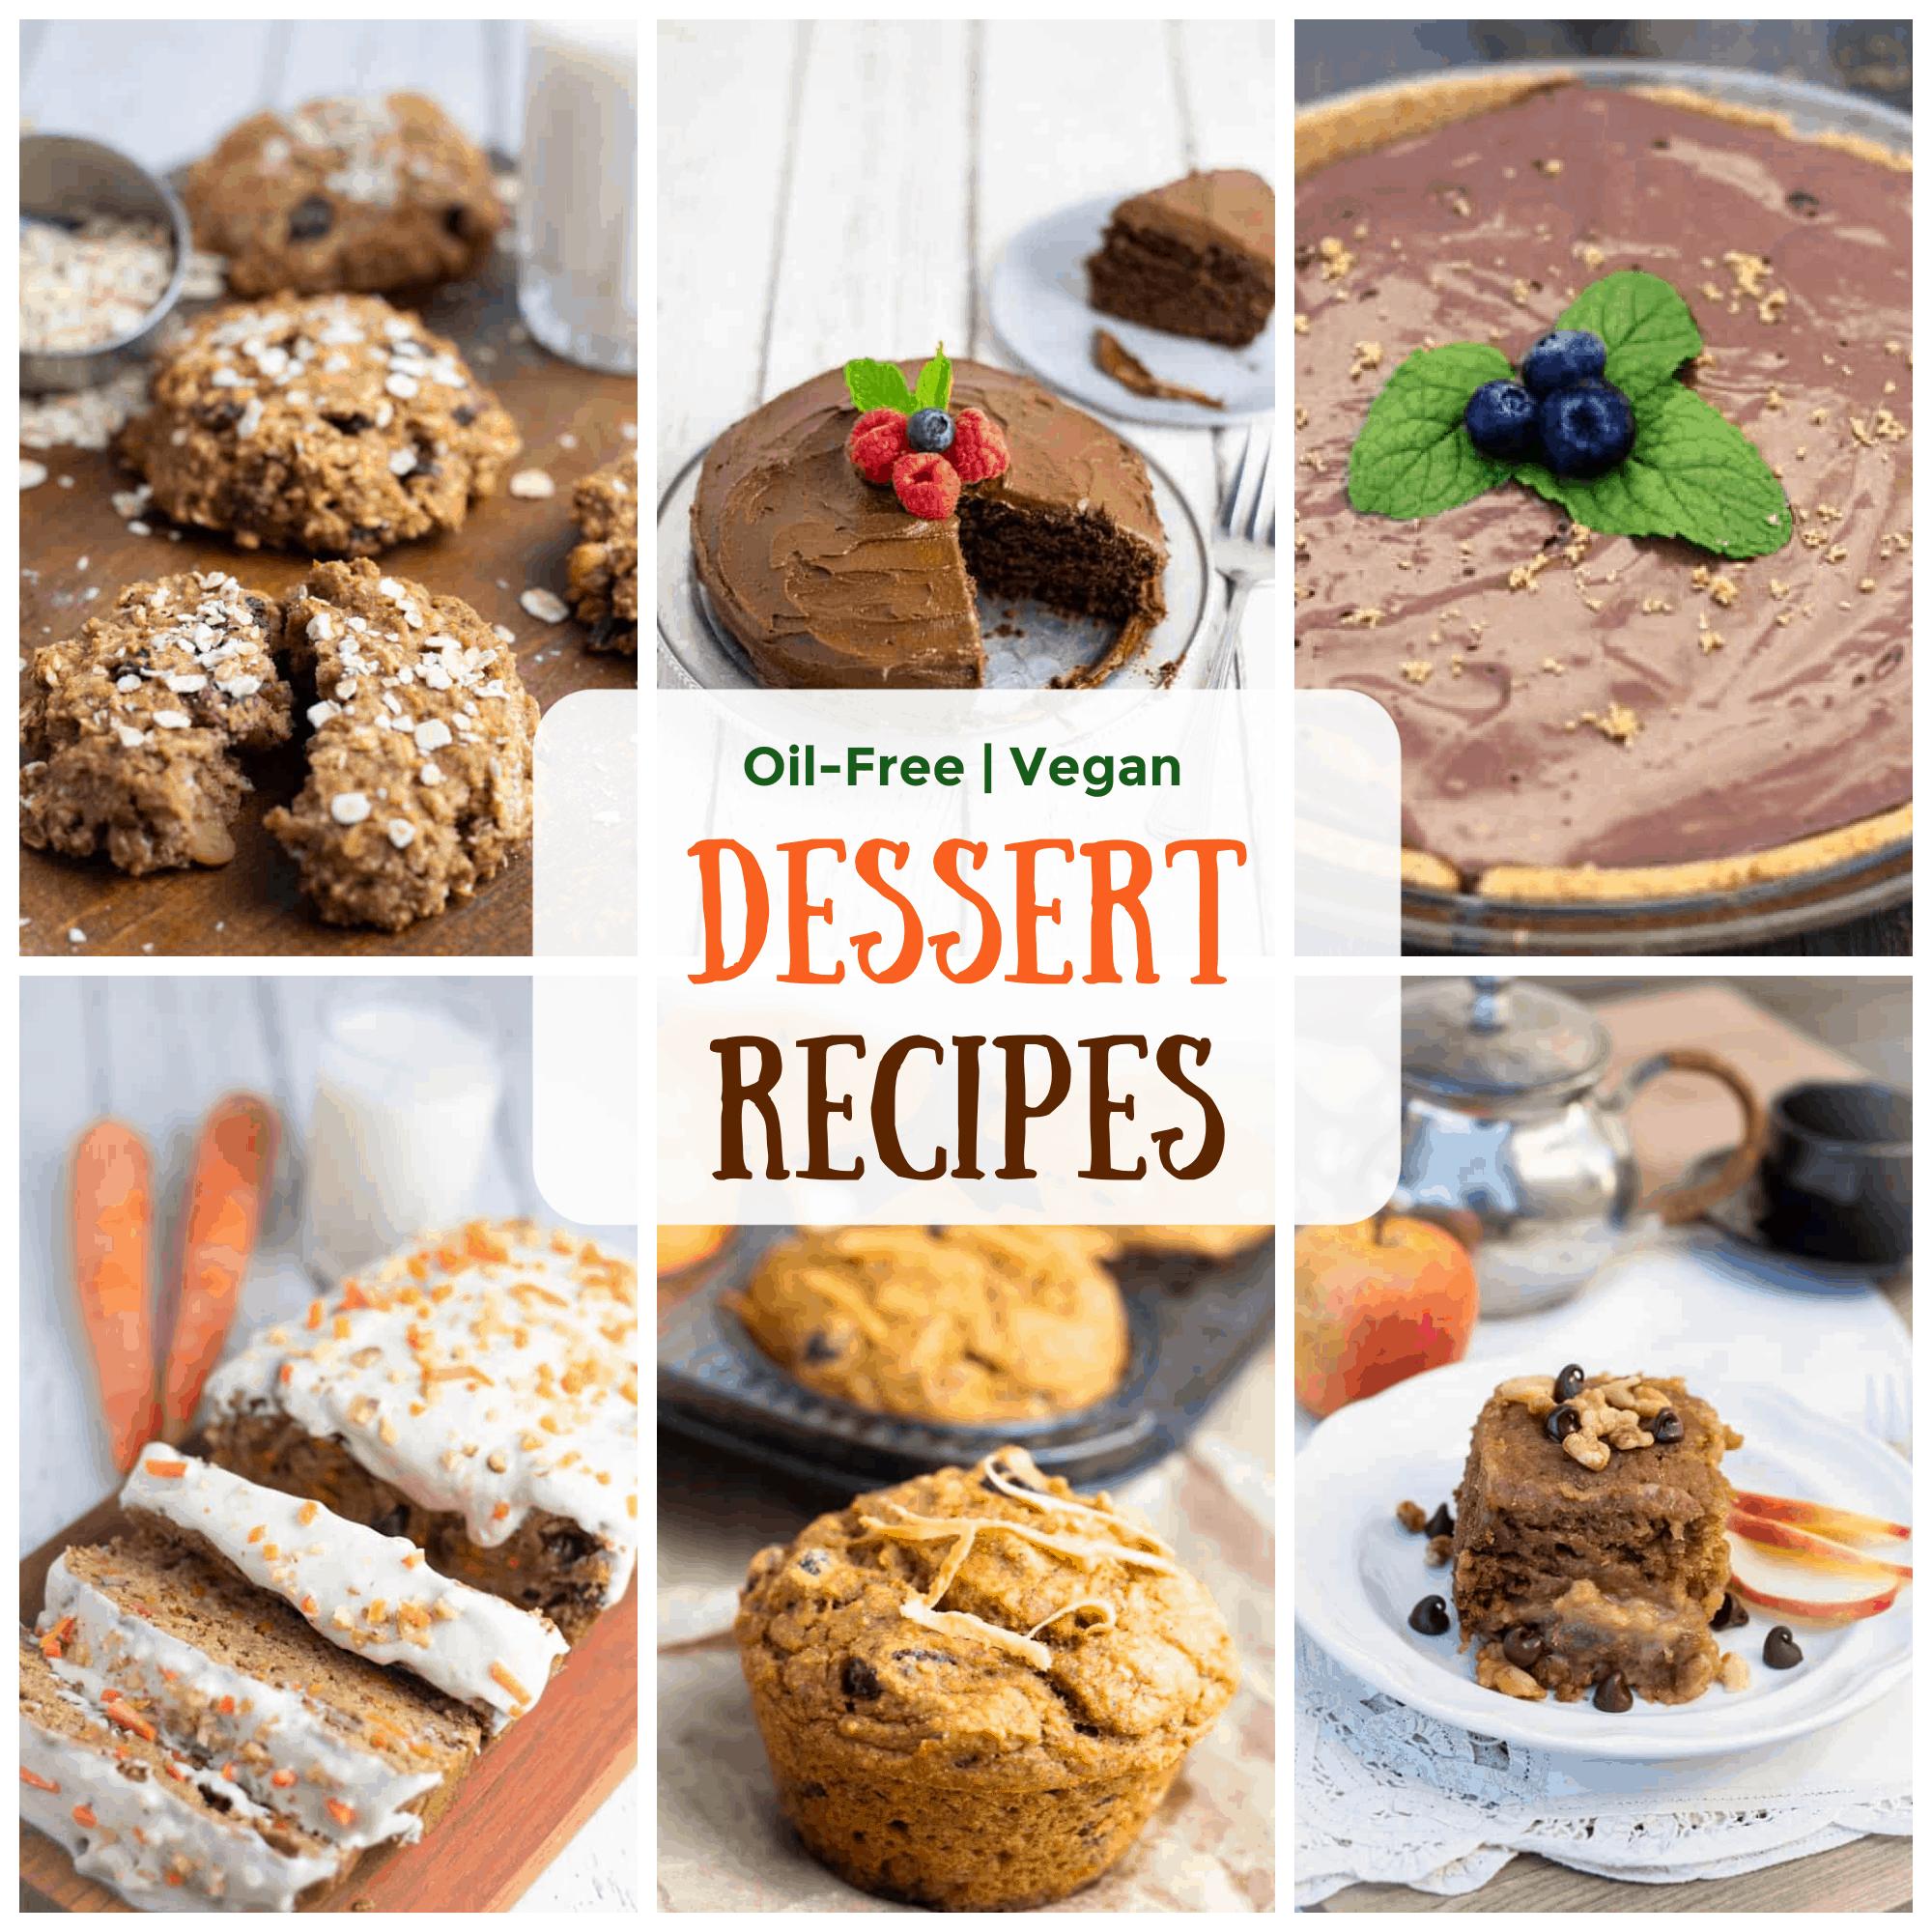 vegan dessert recipes photo collage